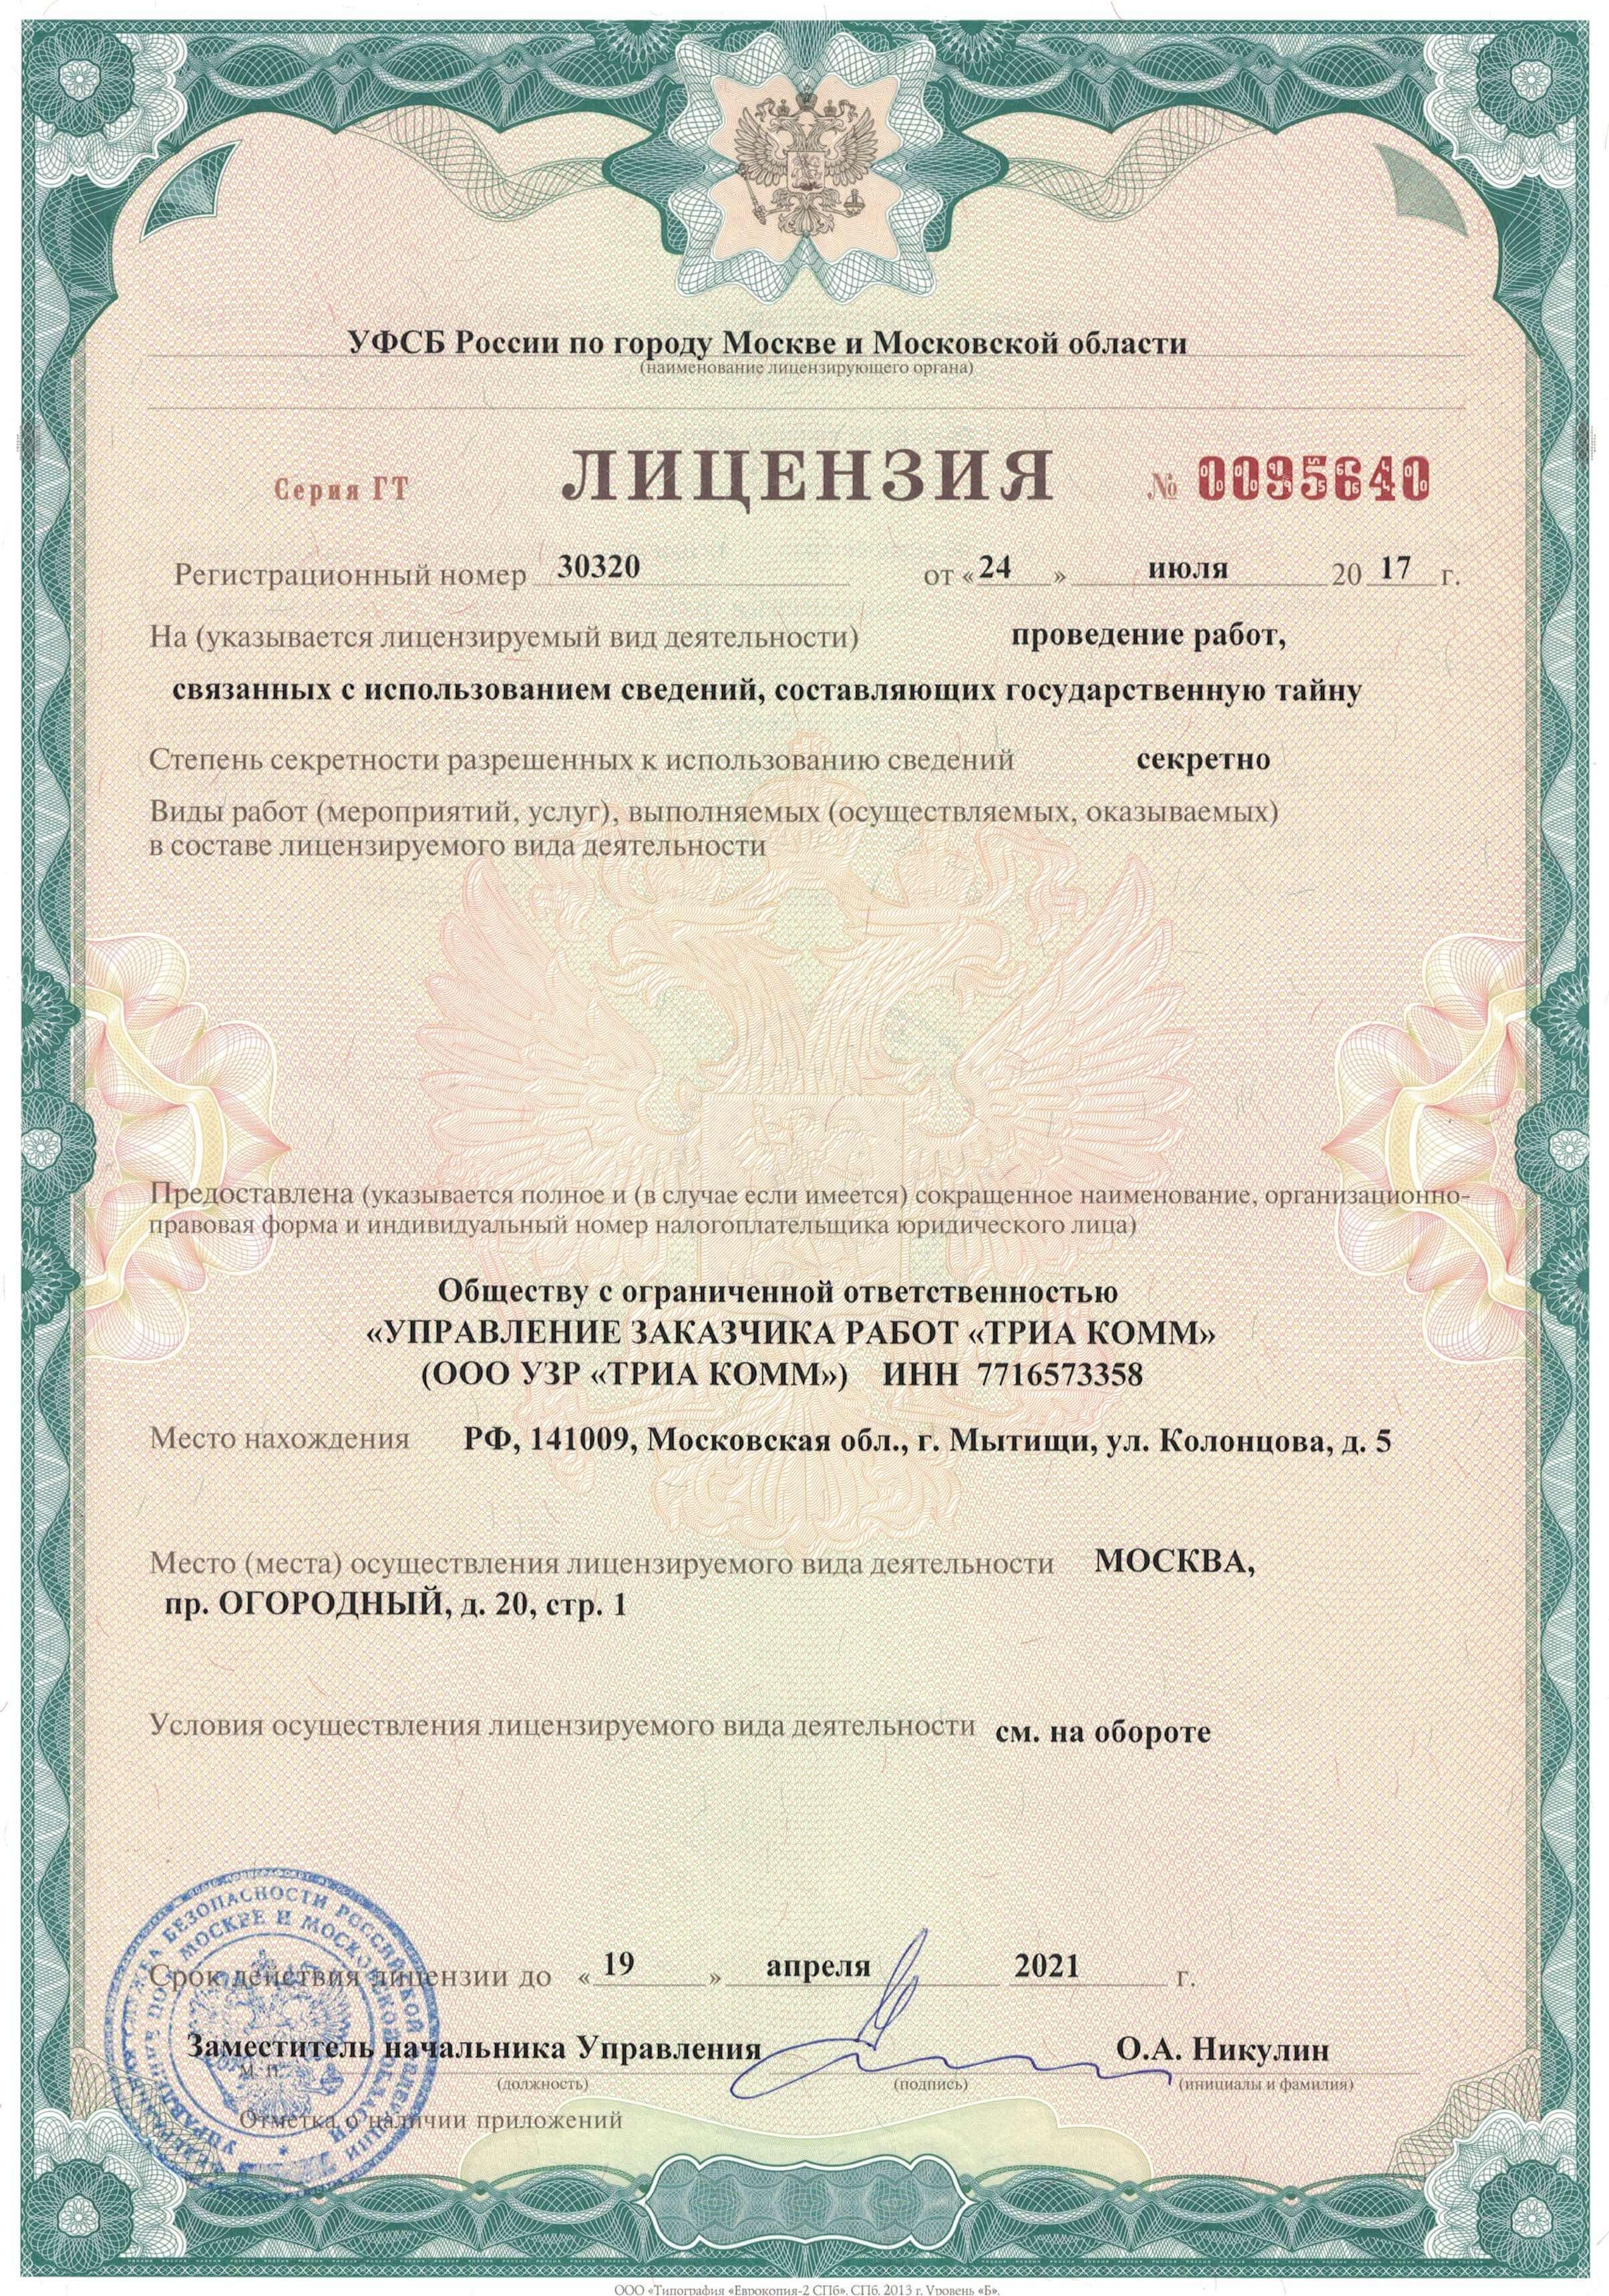 строительная лицензия фсб